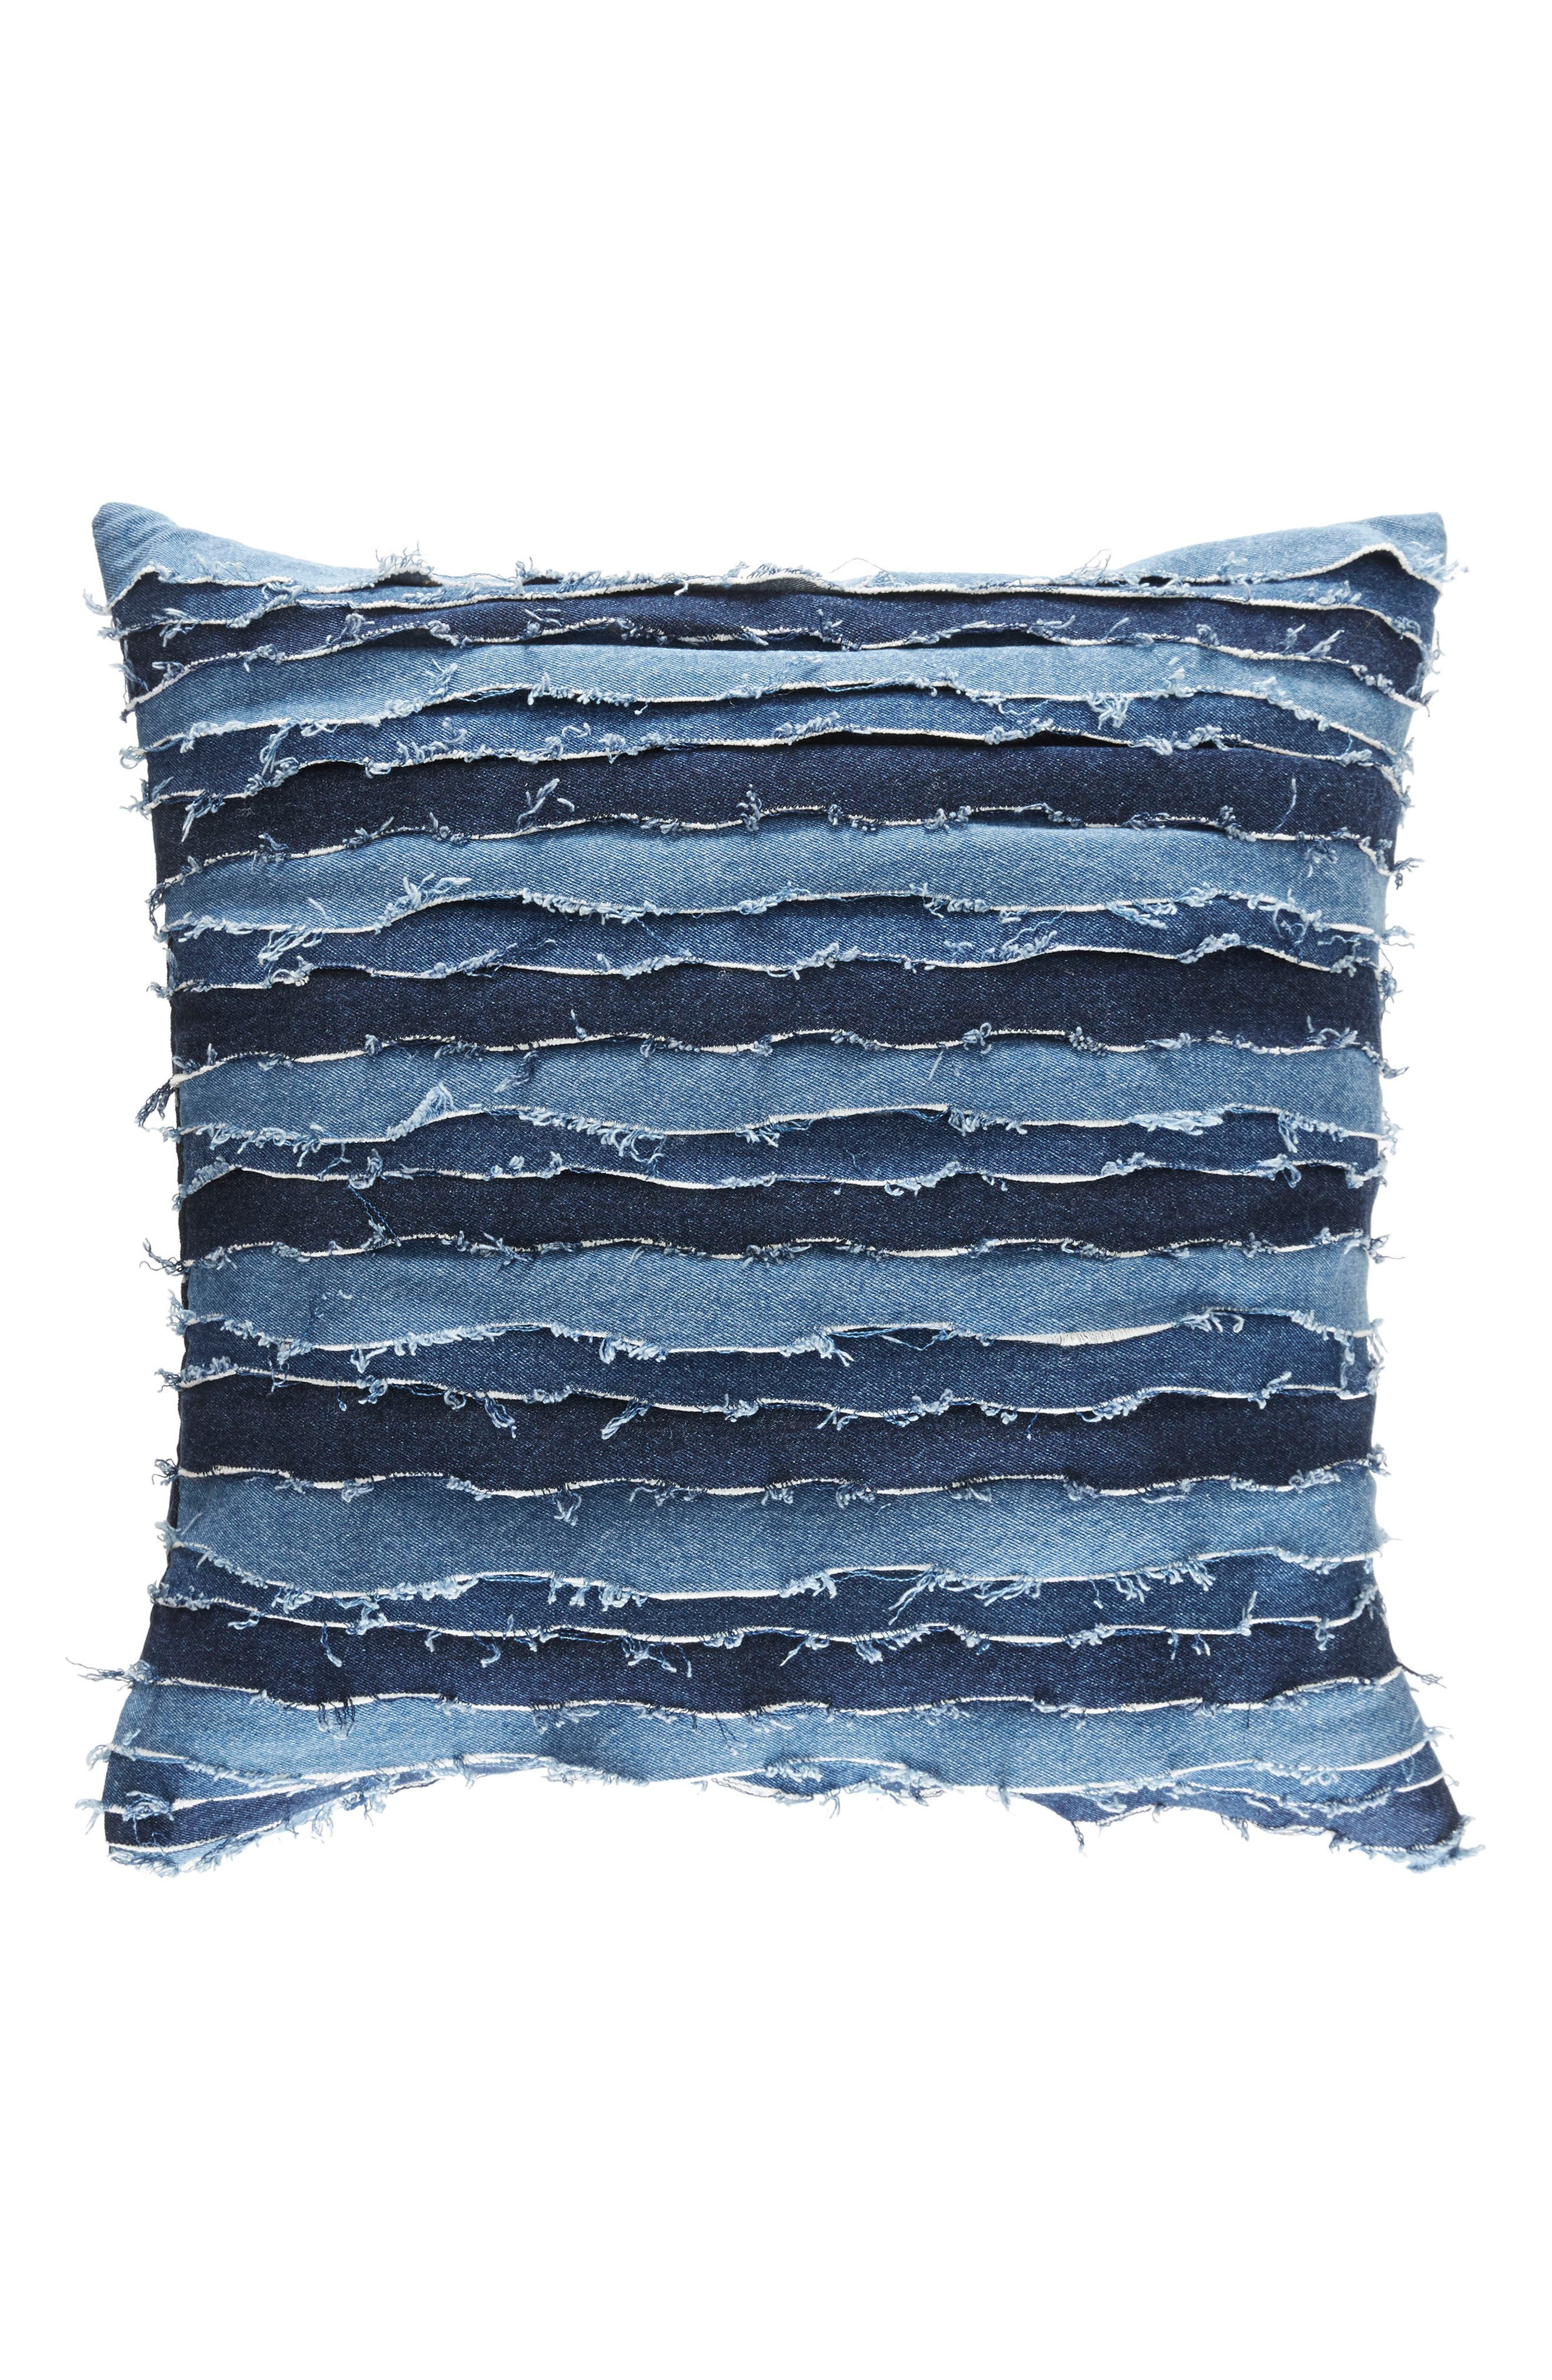 Destroyed Denim Accent Pillow,                         Main,                         color, Denim Blue